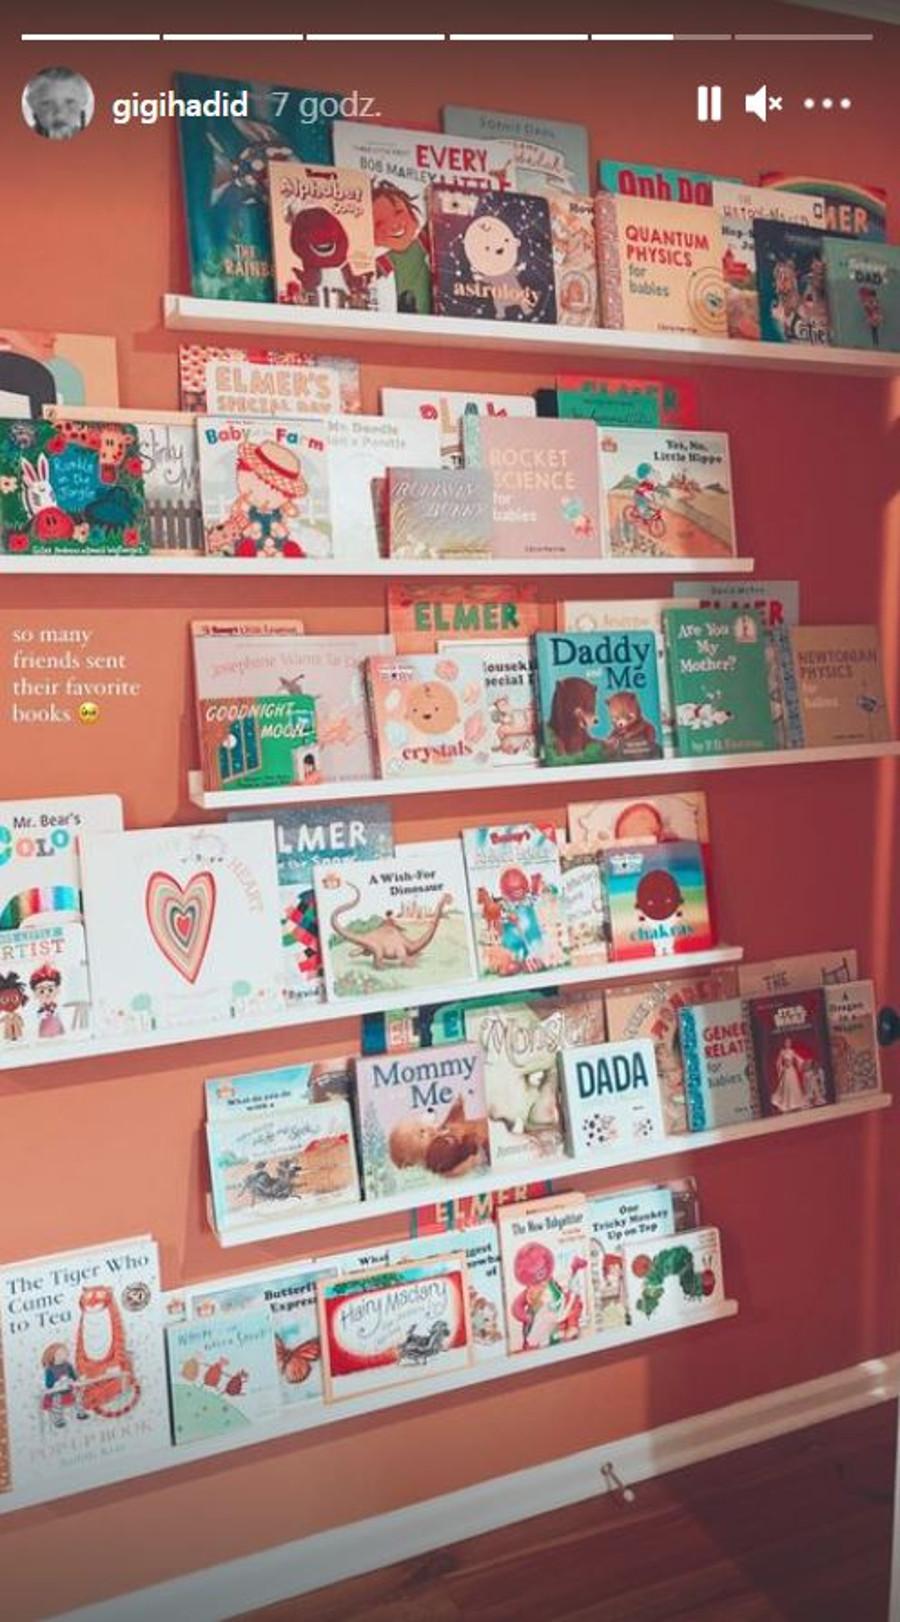 Ściana z książkami w pokoju córki Gigi Hadid.